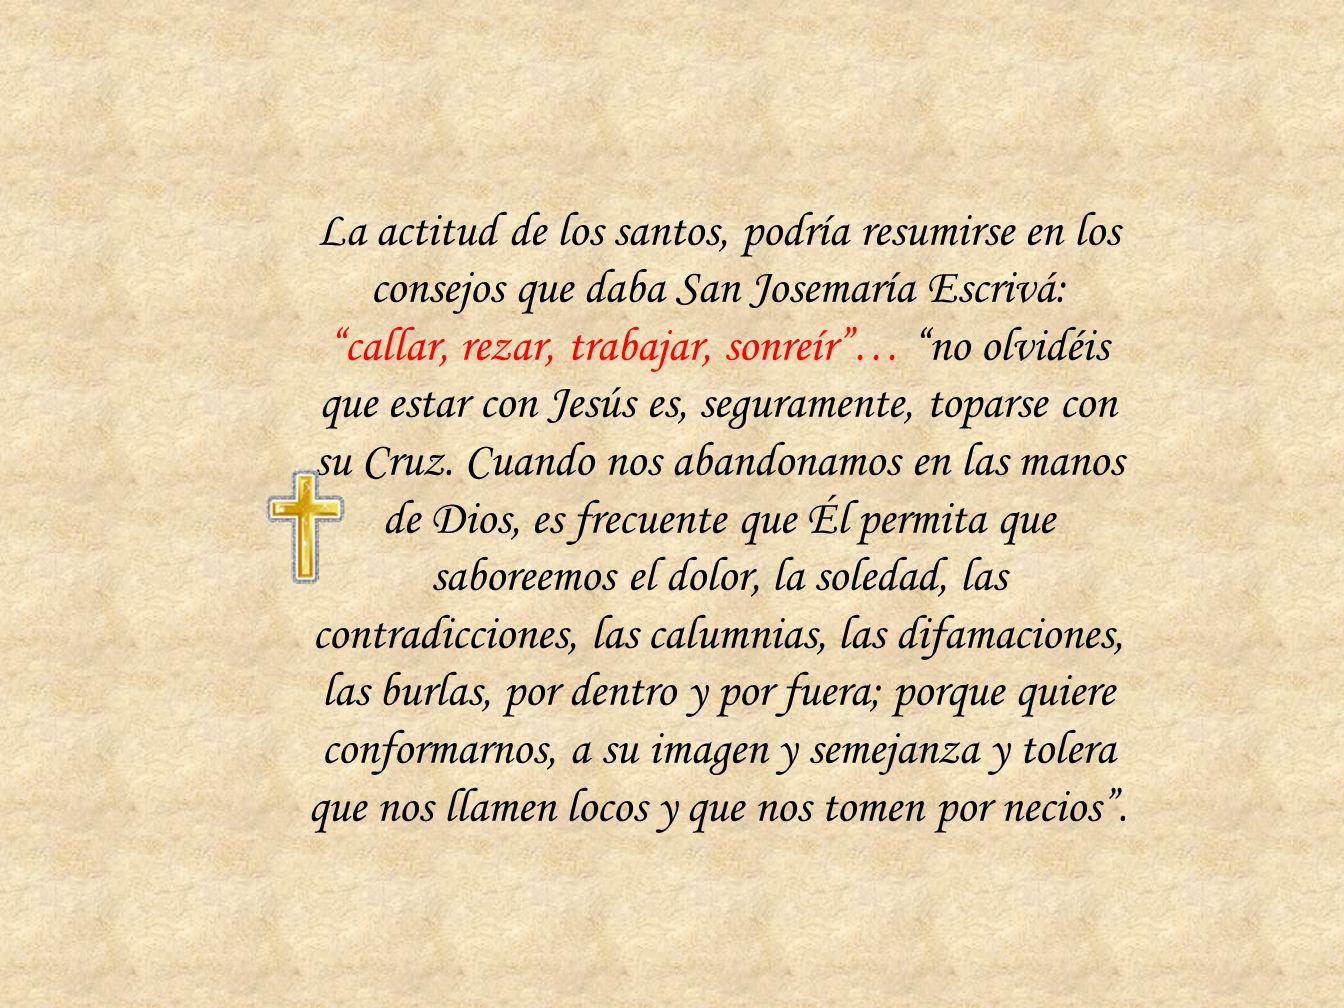 La actitud de los santos, podría resumirse en los consejos que daba San Josemaría Escrivá: callar, rezar, trabajar, sonreír … no olvidéis que estar con Jesús es, seguramente, toparse con su Cruz. Cuando nos abandonamos en las manos de Dios, es frecuente que Él permita que saboreemos el dolor, la soledad, las contradicciones, las calumnias, las difamaciones, las burlas, por dentro y por fuera; porque quiere conformarnos, a su imagen y semejanza y tolera que nos llamen locos y que nos tomen por necios .